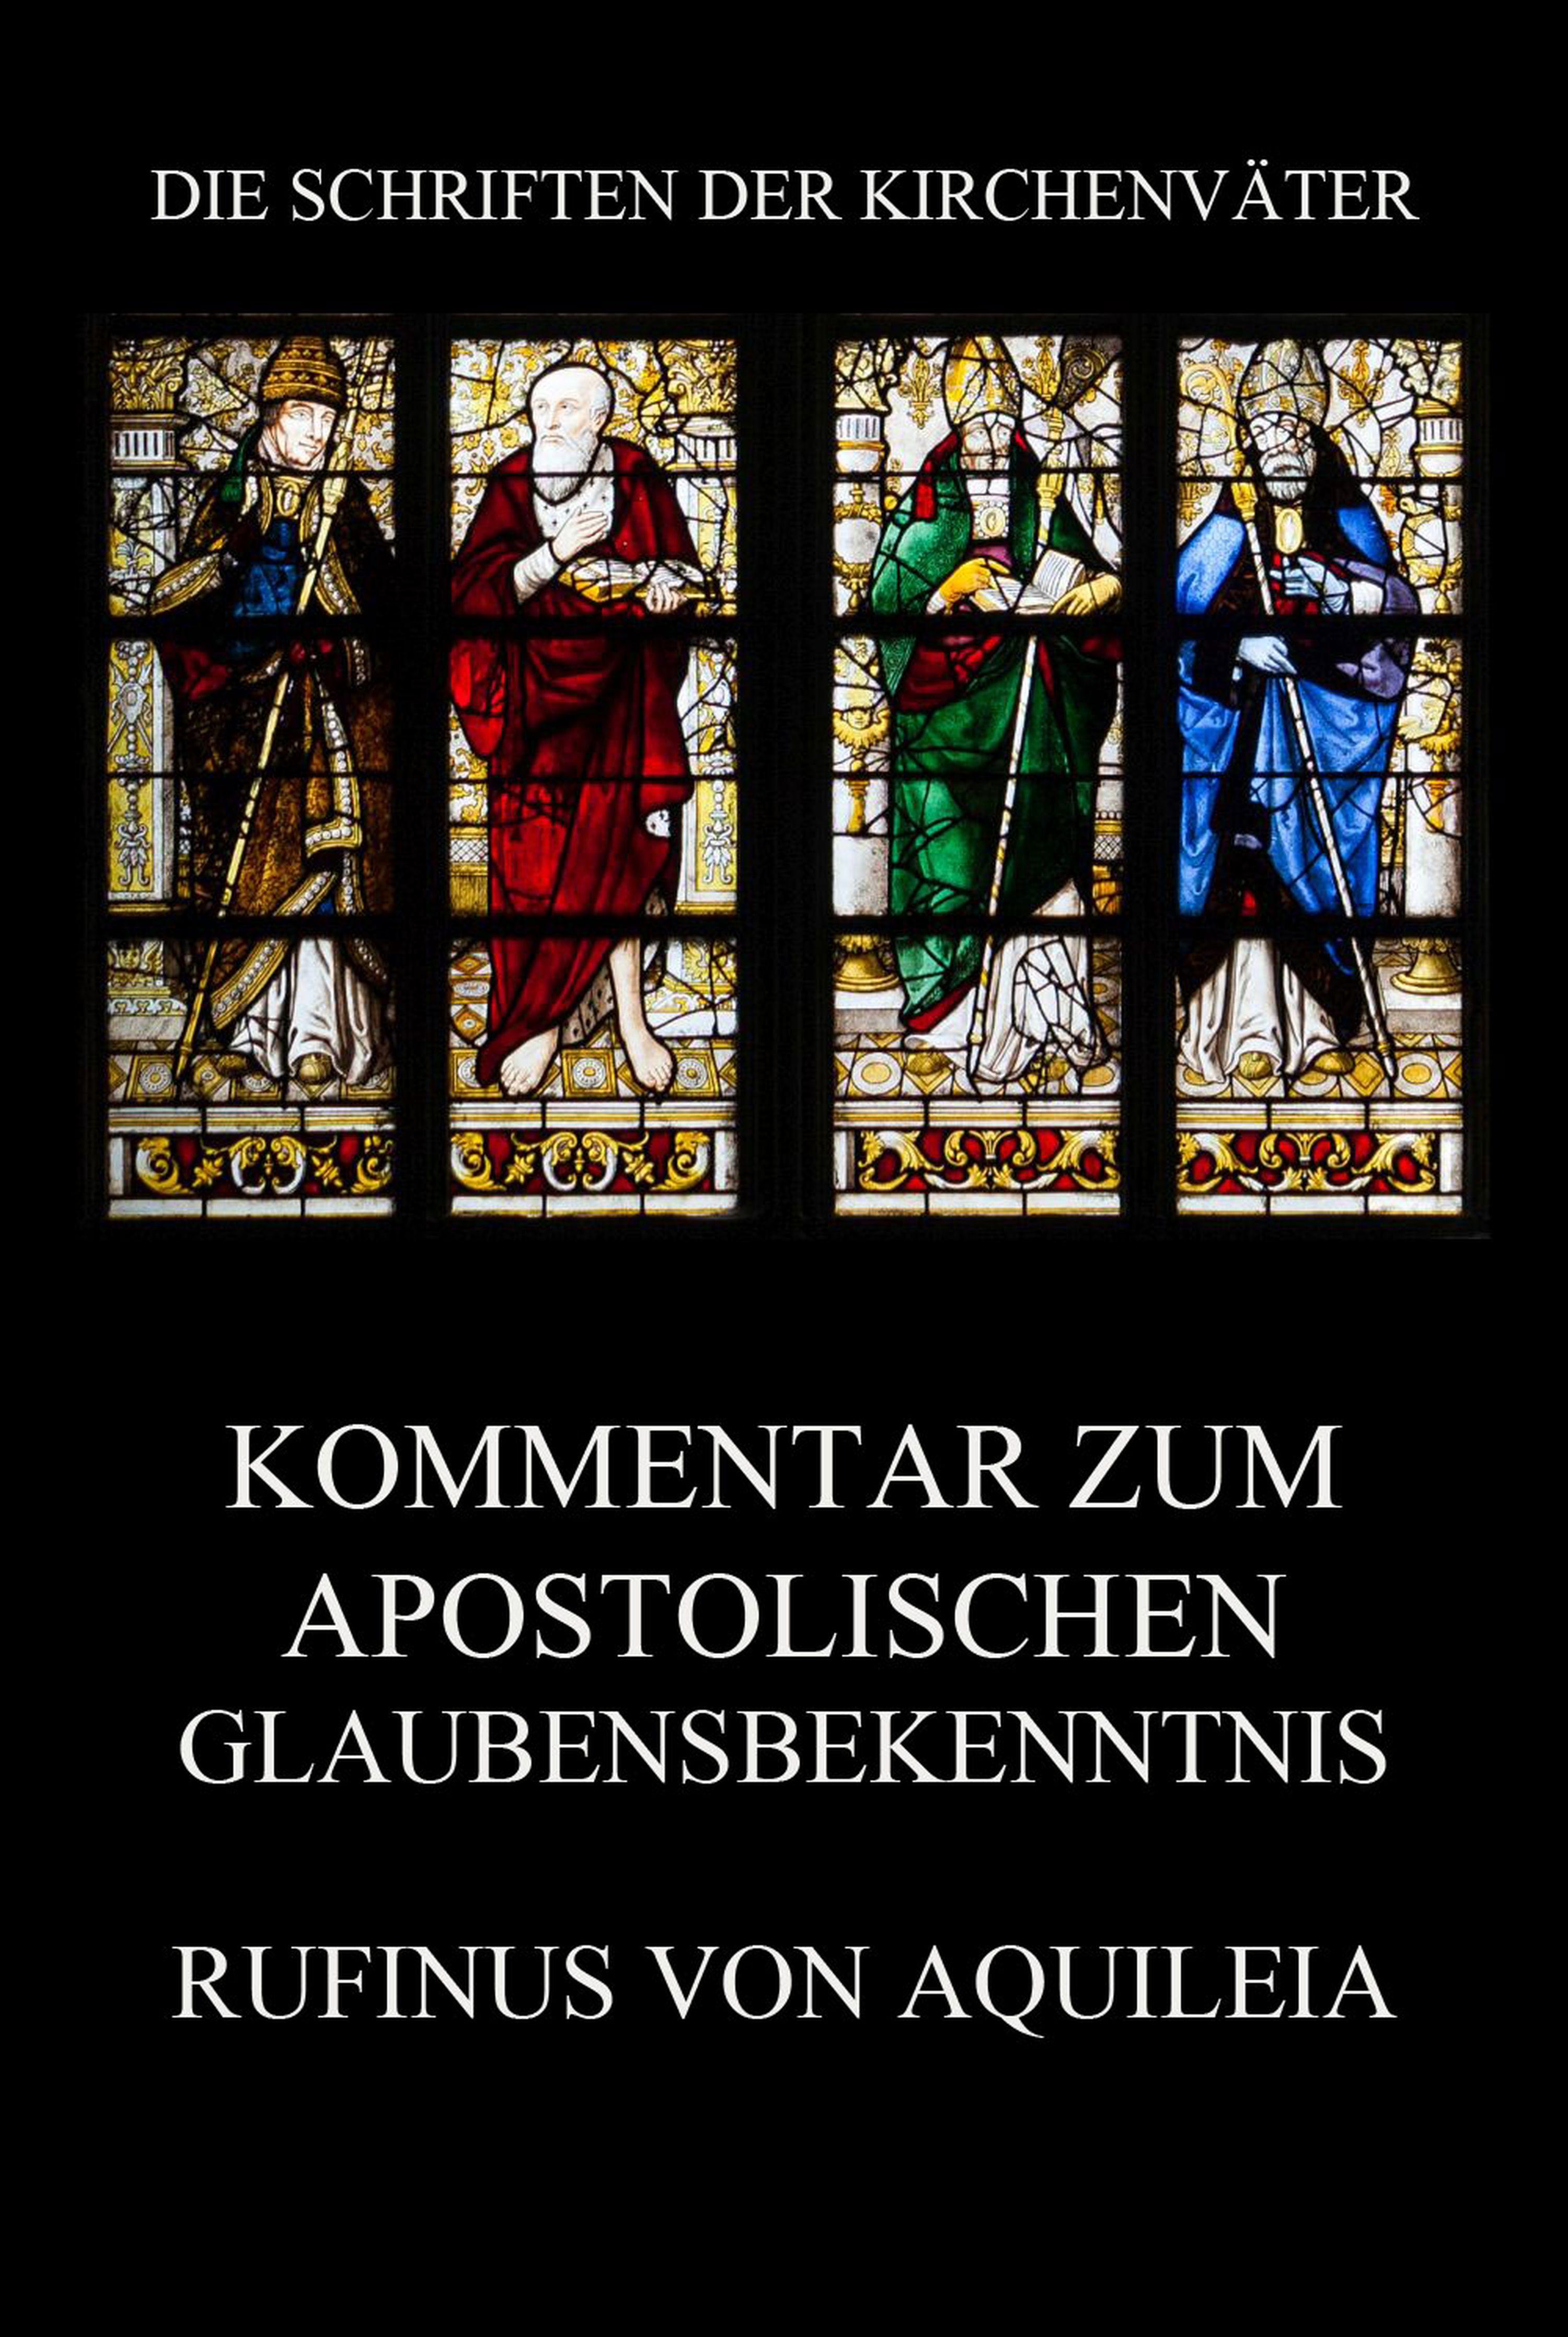 Kommentar zum apostolischen Glaubensbekenntnis